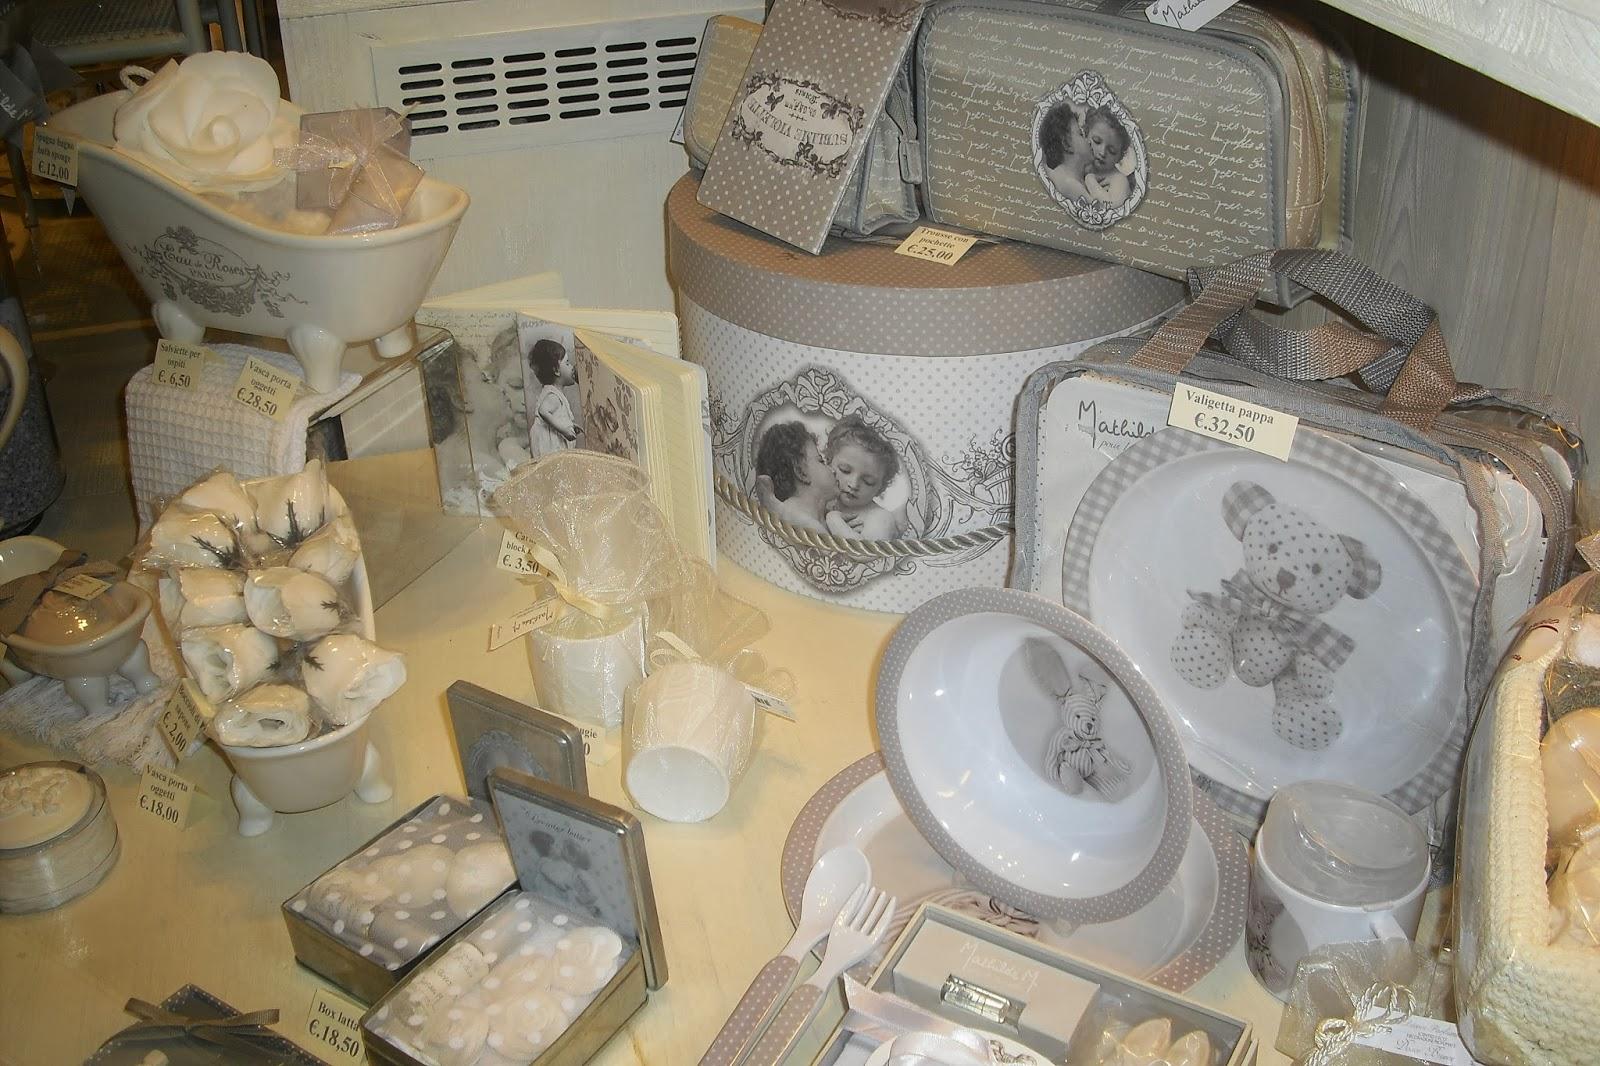 Accessori Cucina Shabby | Giugno 2010 Shabby Chic Interiors